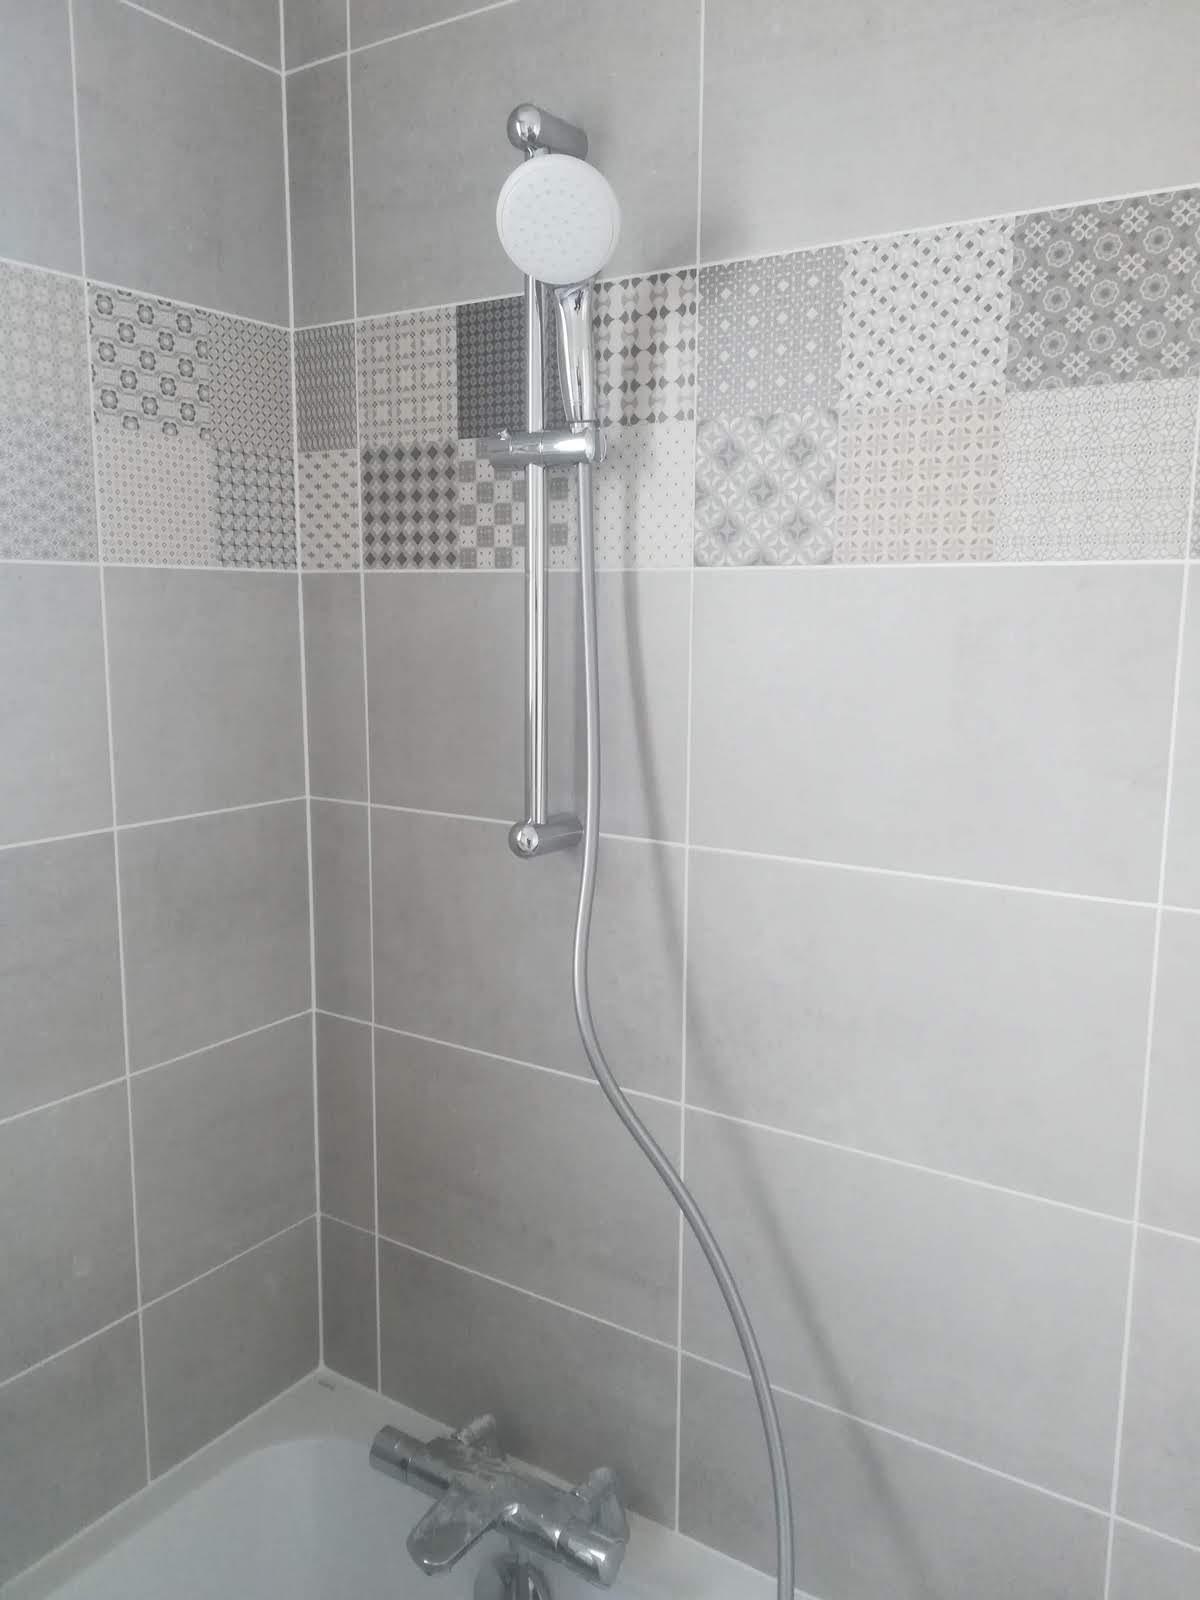 faience-baignoire-robinetterie